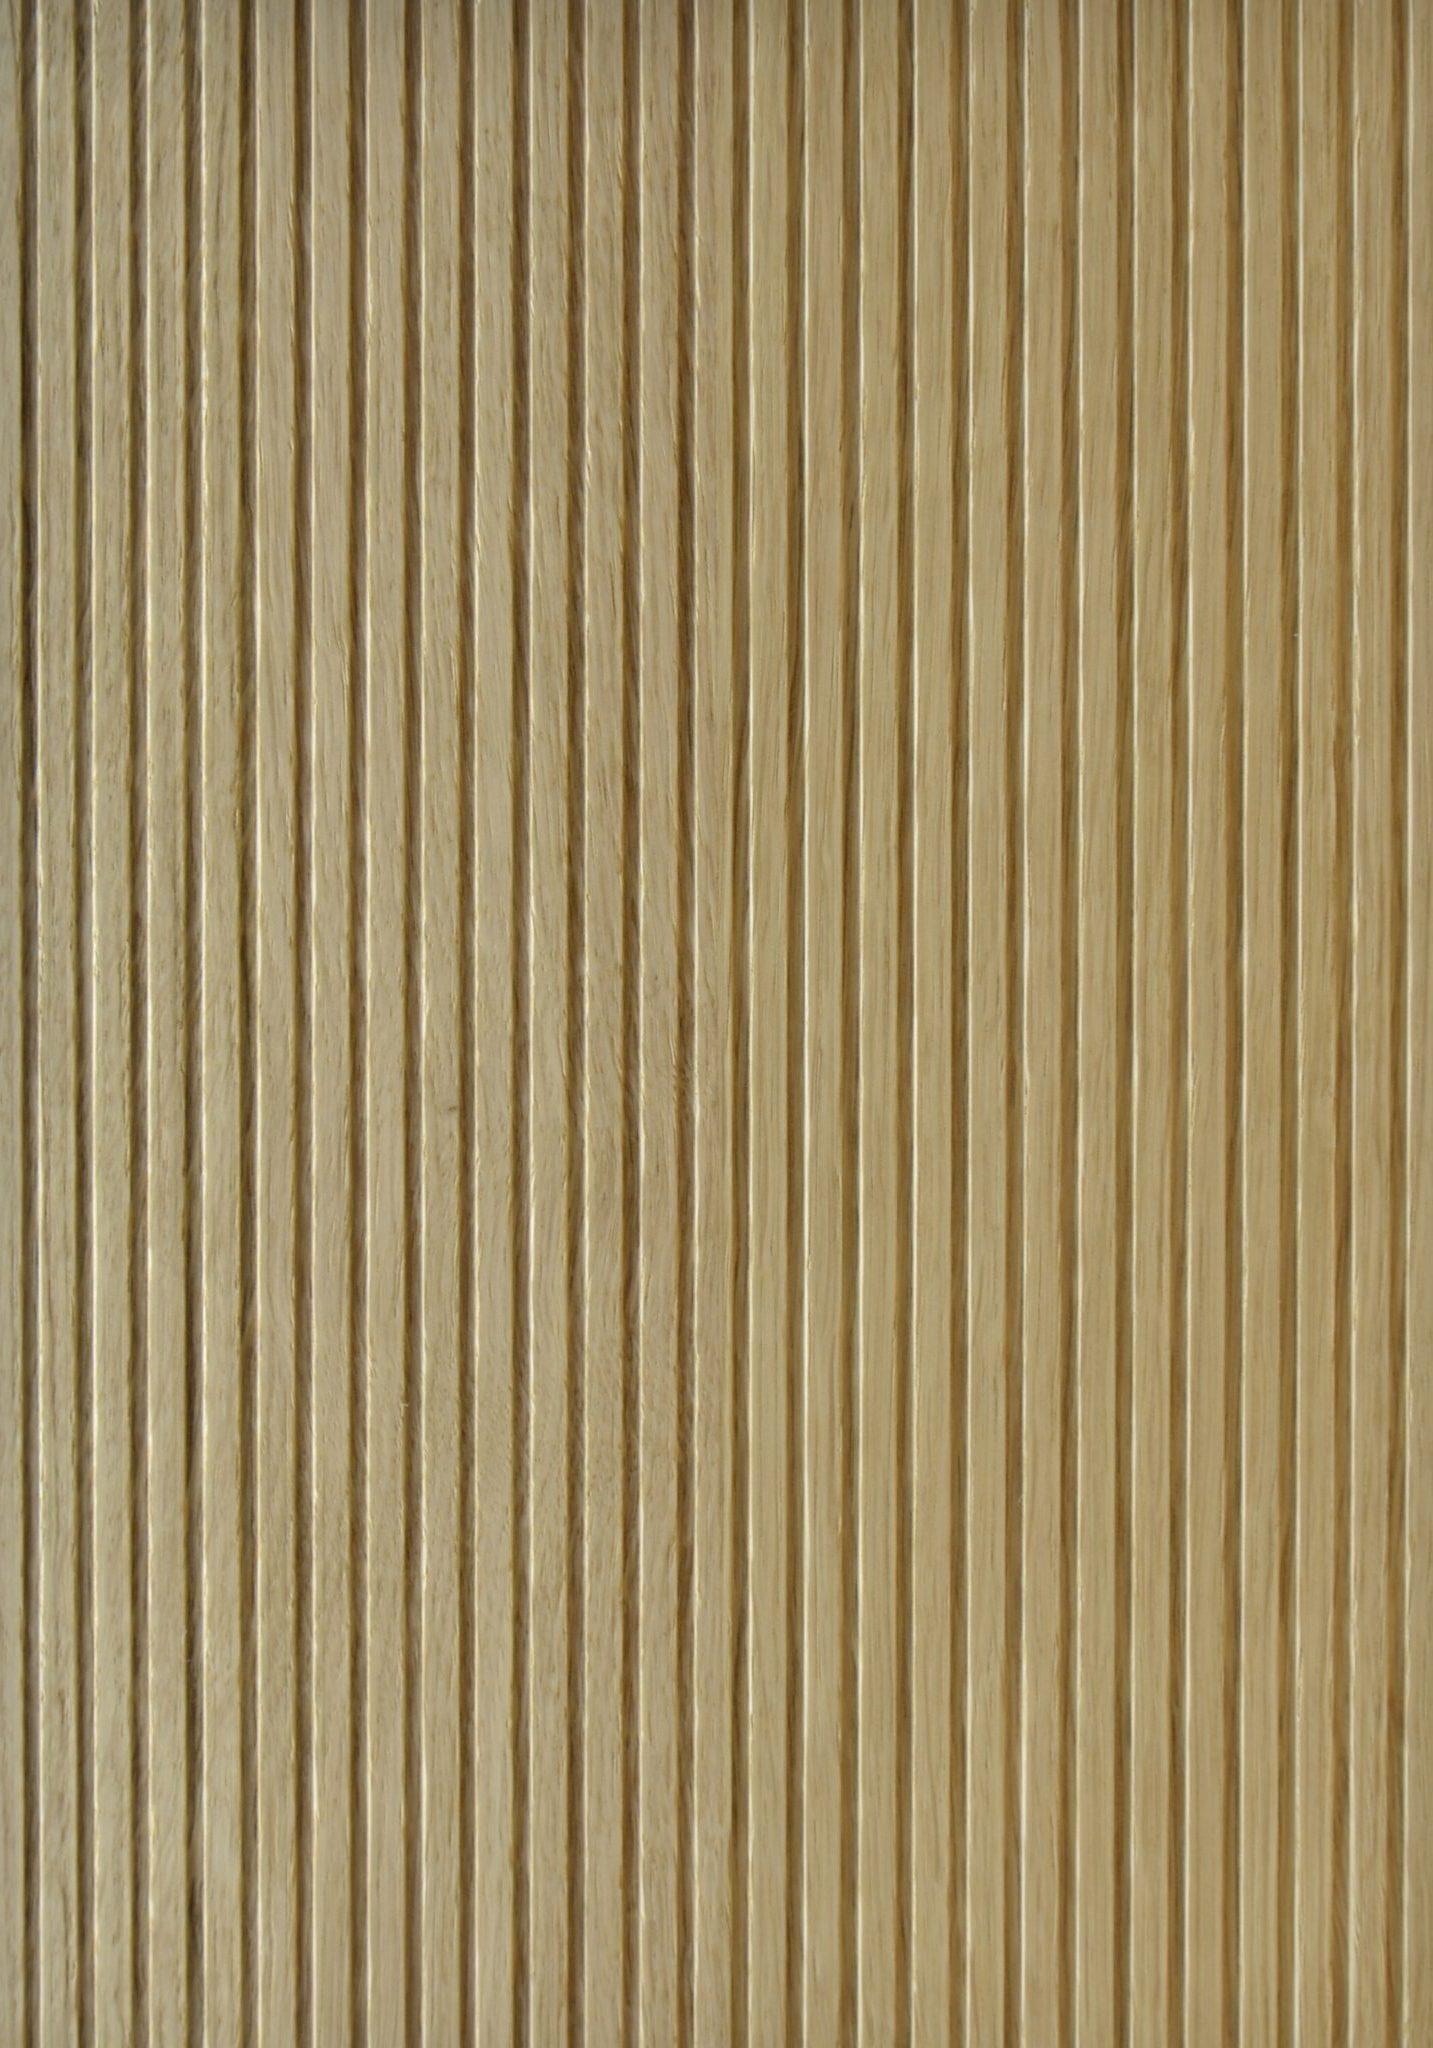 2610 - LIGHT - Knob Oak - Real wood veneer